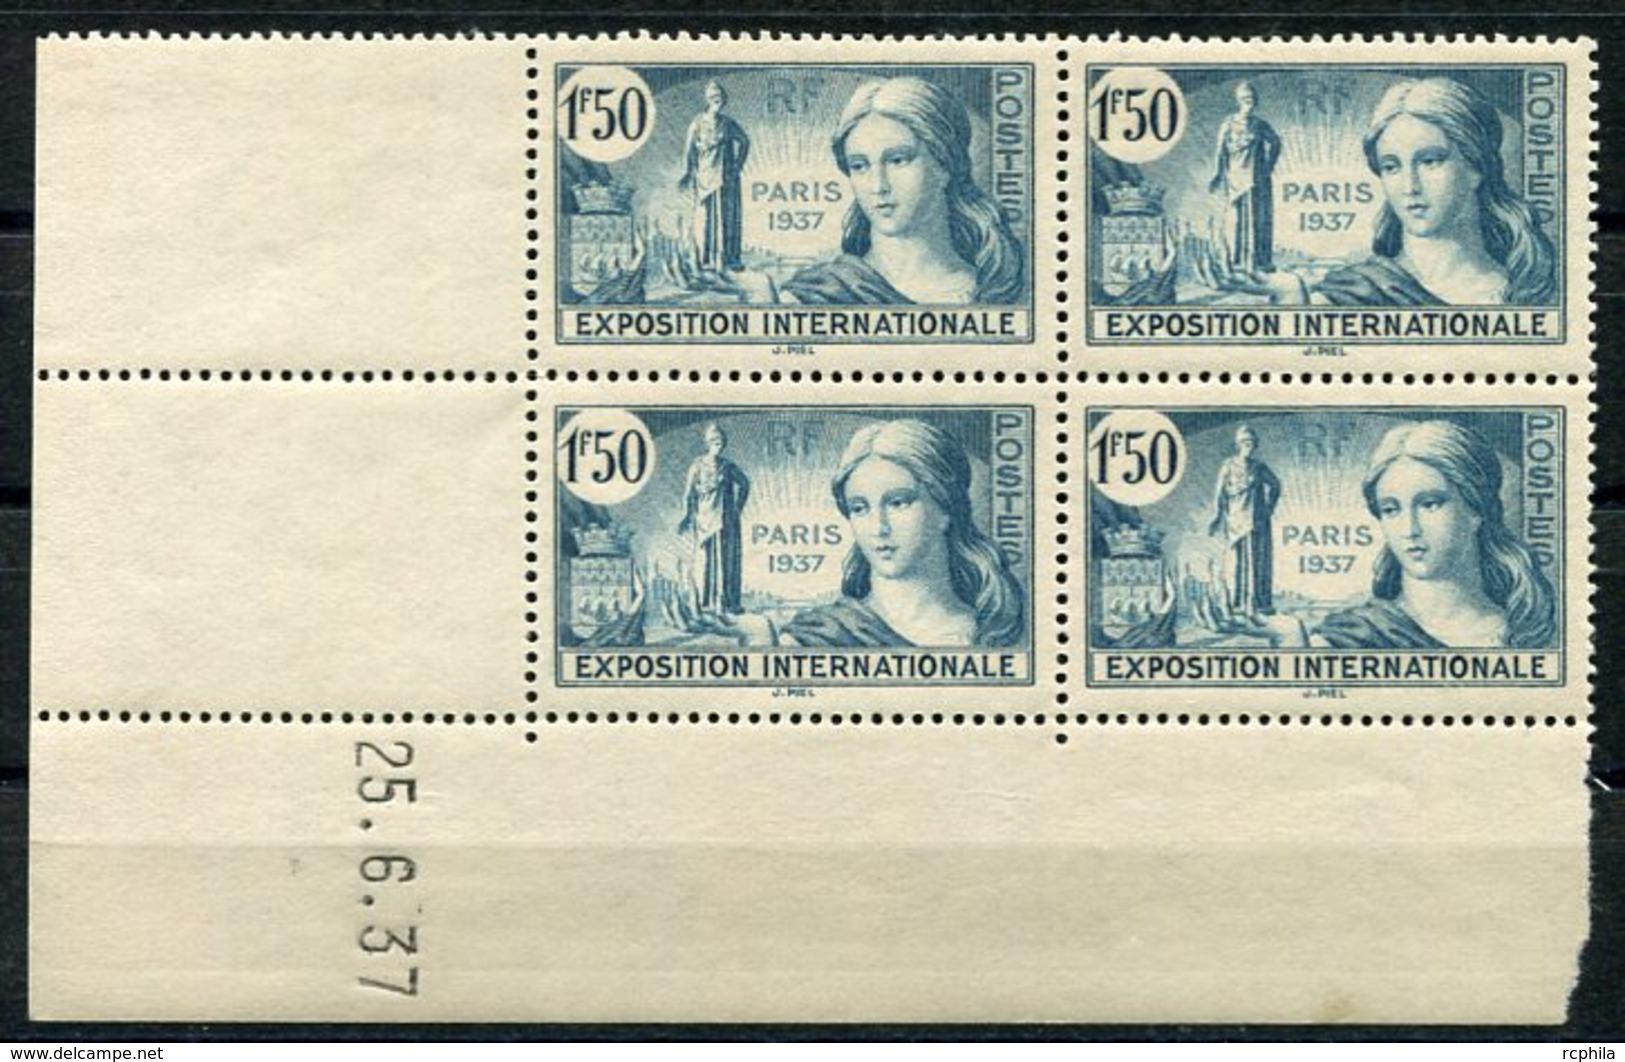 RC 9109 FRANCE N° 336 - EXPOSITION INTERNATIONALE DE PARIS 1937 COIN DATÉ NEUF ** - Unused Stamps